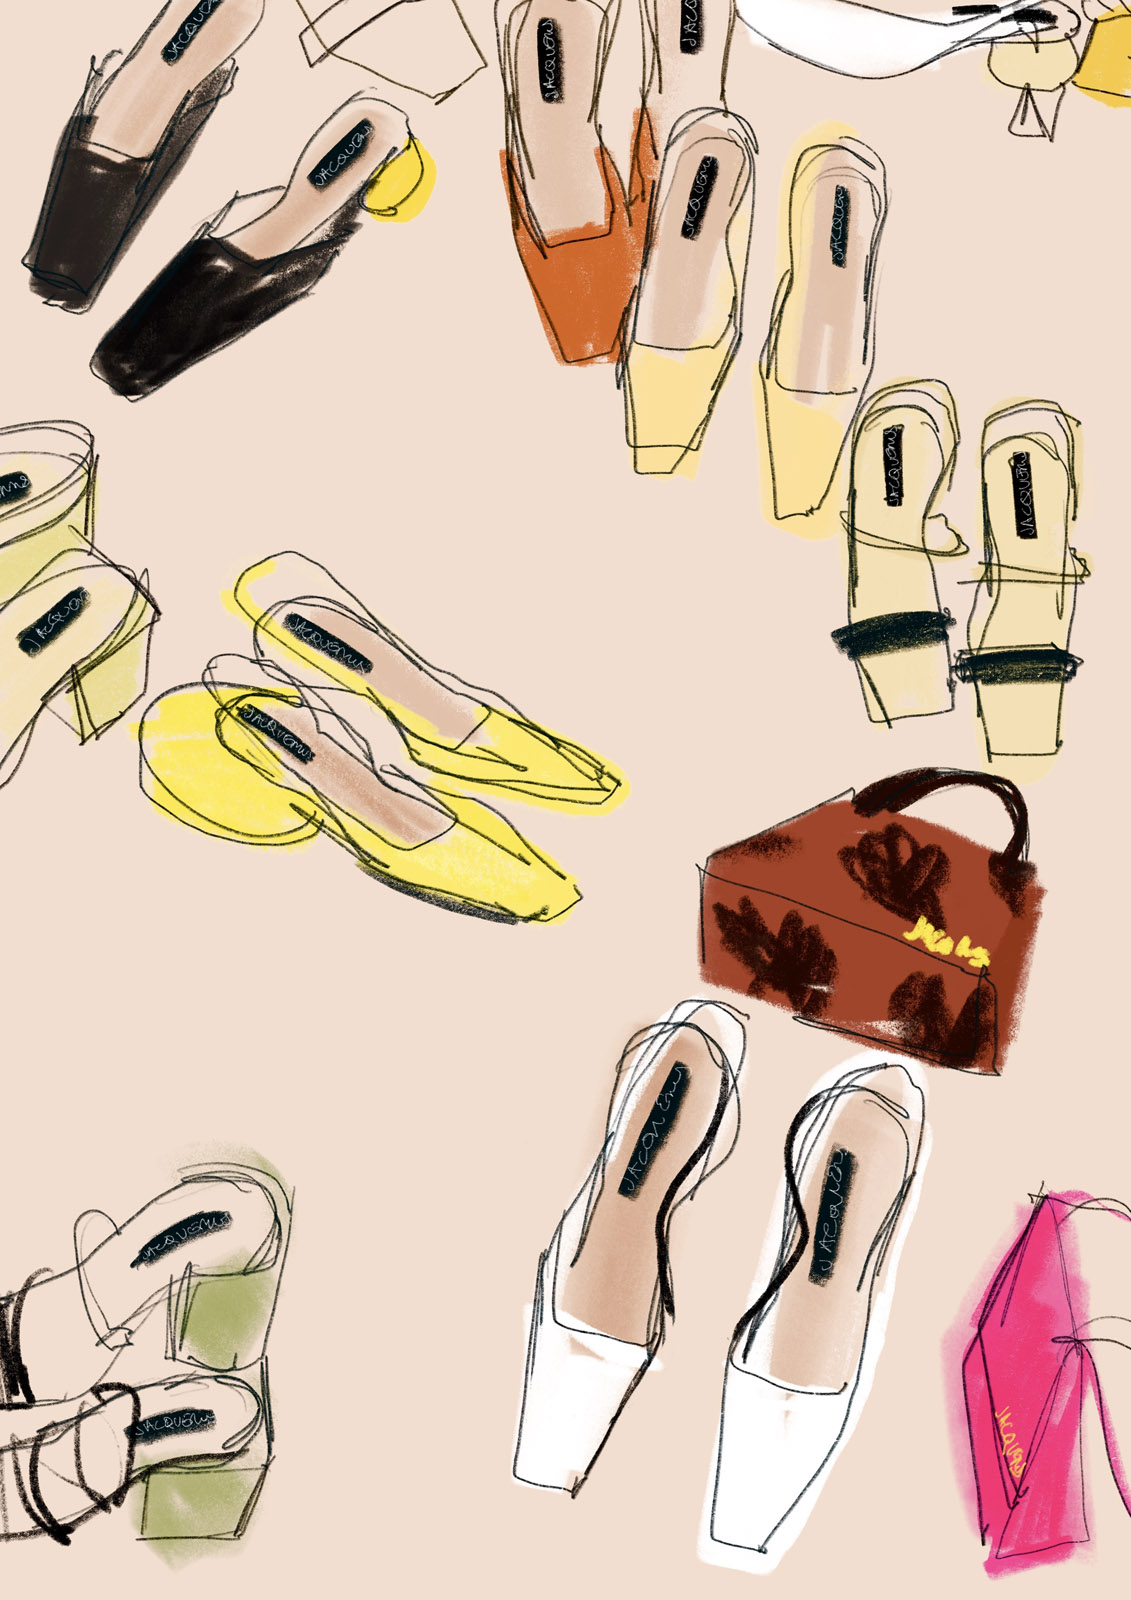 jacquemus_accessories.jpg